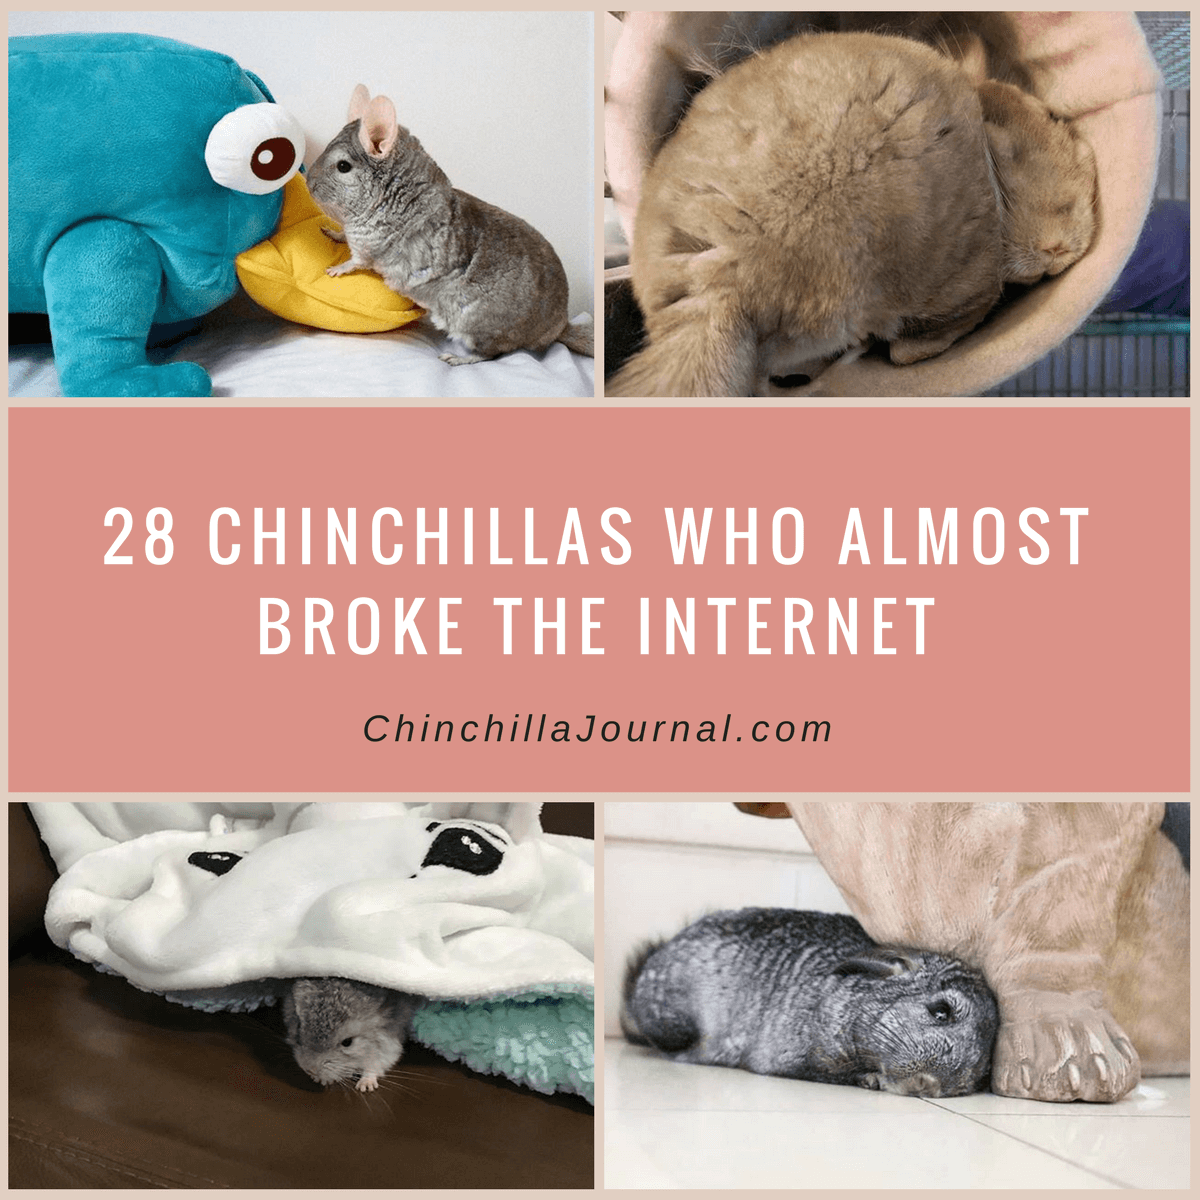 28 Chinchillas Who Almost Broke The Internet